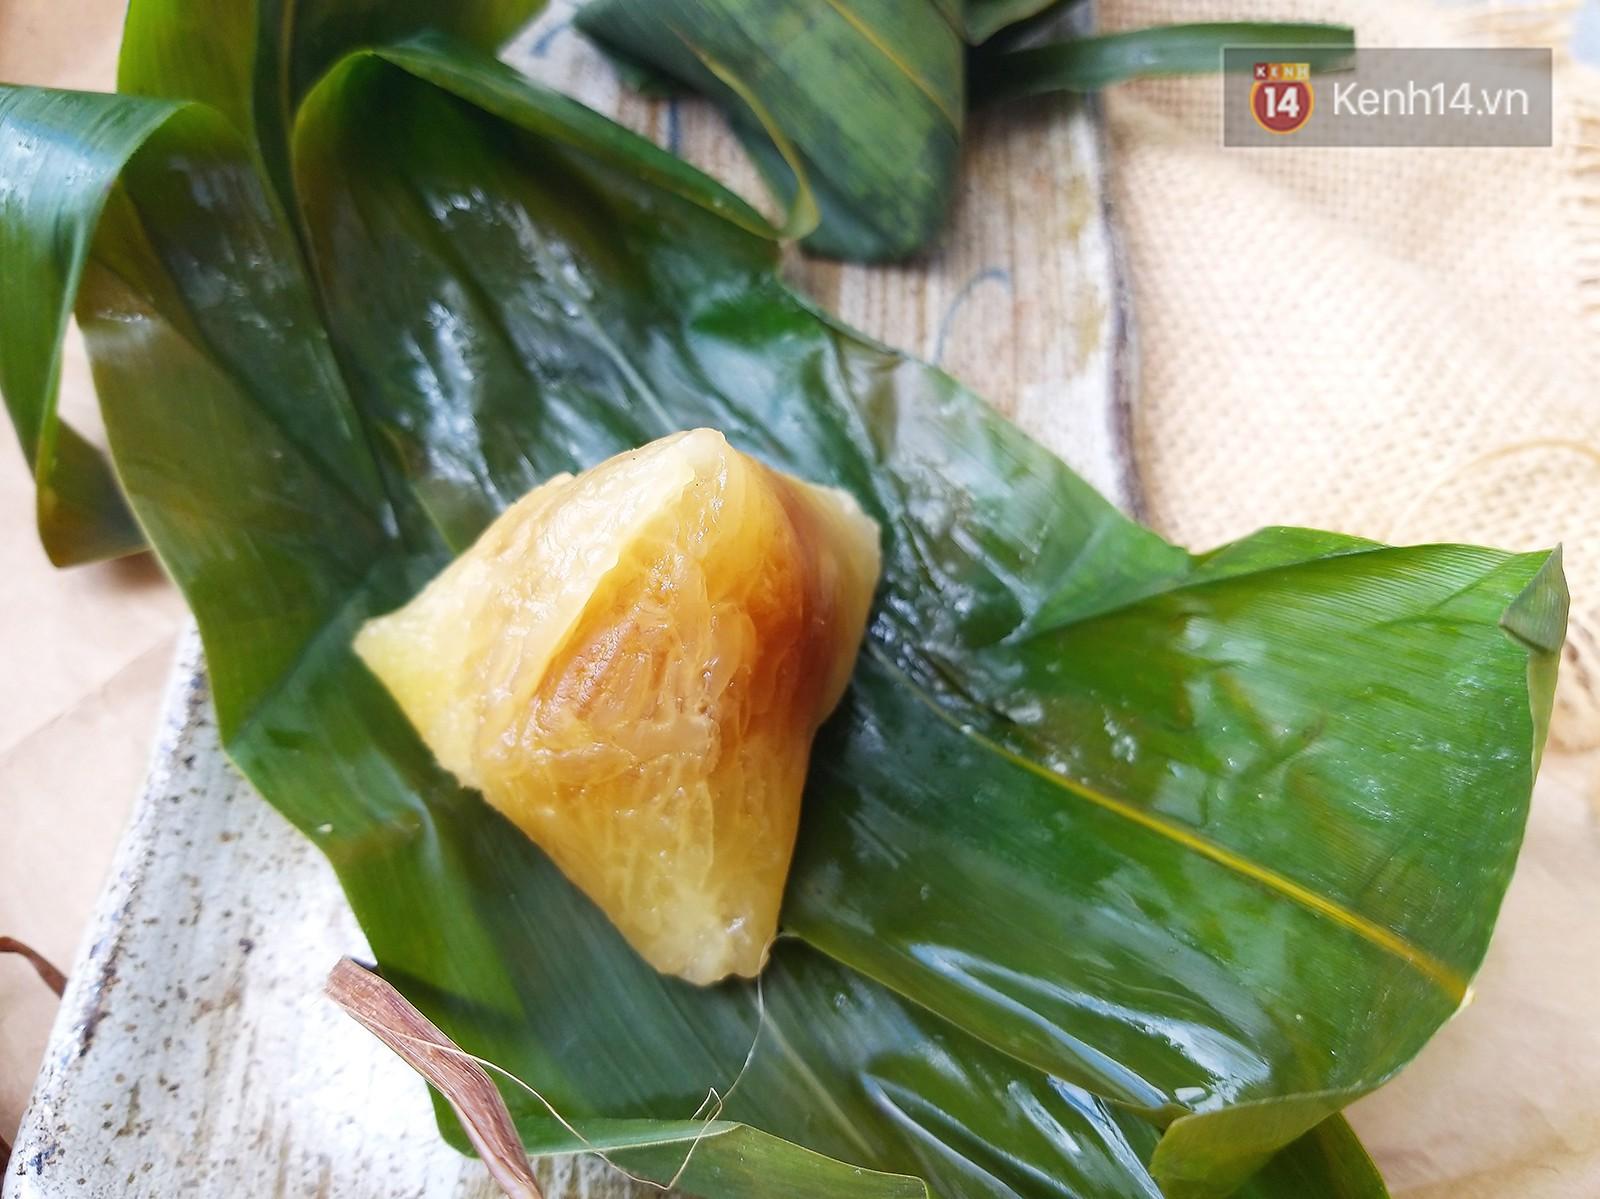 Cùng là bánh cho Tết Đoan Ngọ mà giữa Hà Nội và Sài Gòn đã khác nhau thế này - Ảnh 4.